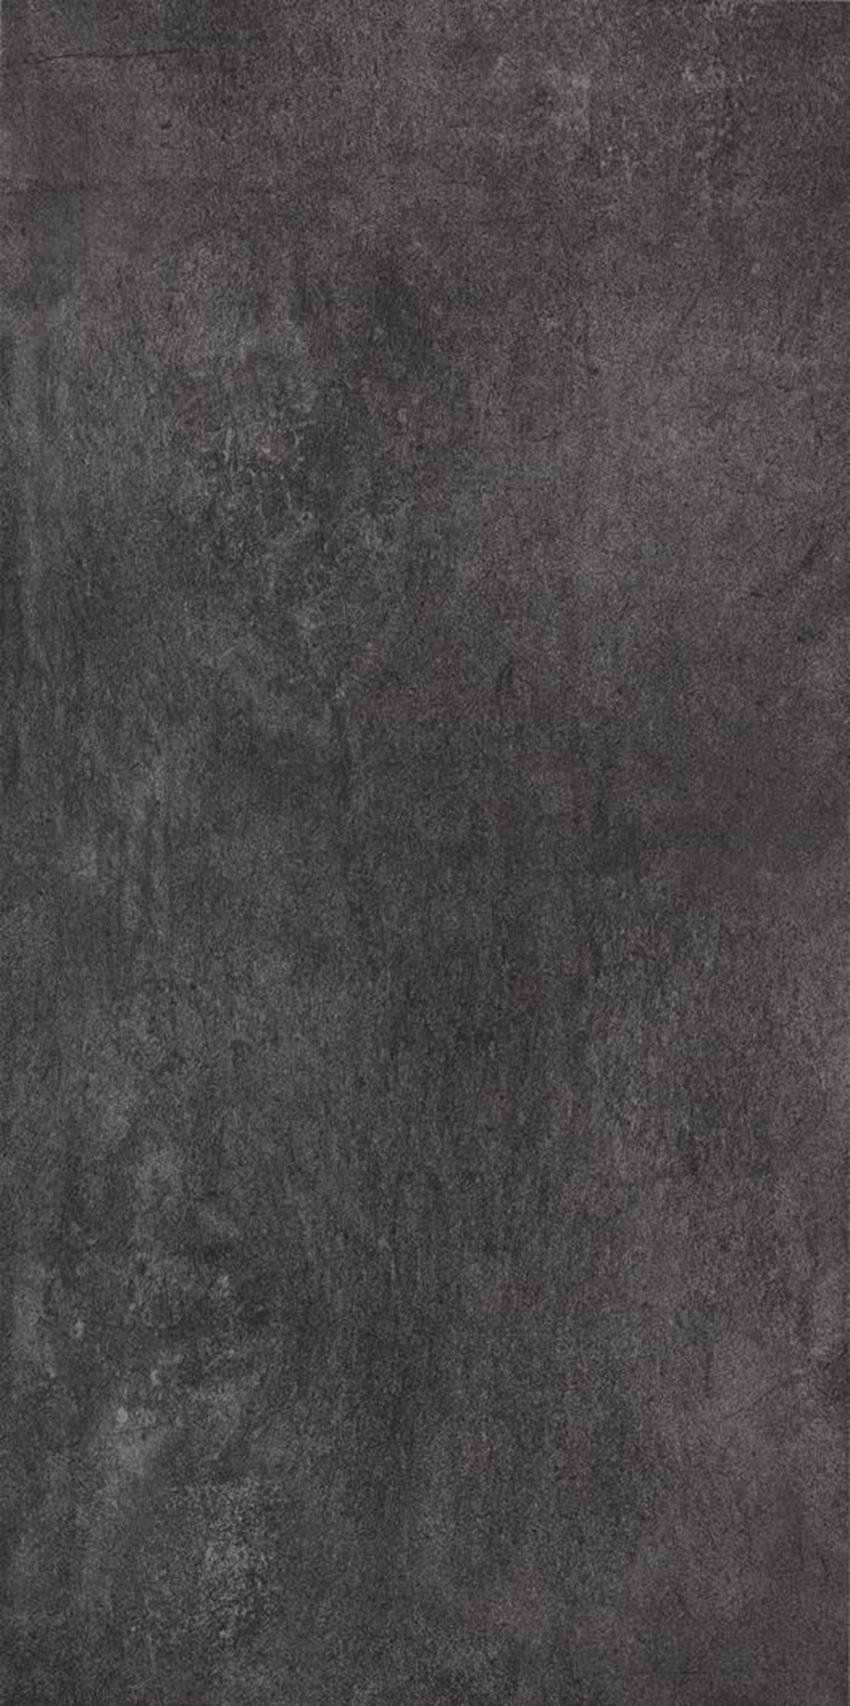 Płytka ścienno-podłogowa 44,8x89,8 cm Paradyż Taranto Grafit Gres Szkl. Rekt. Mat